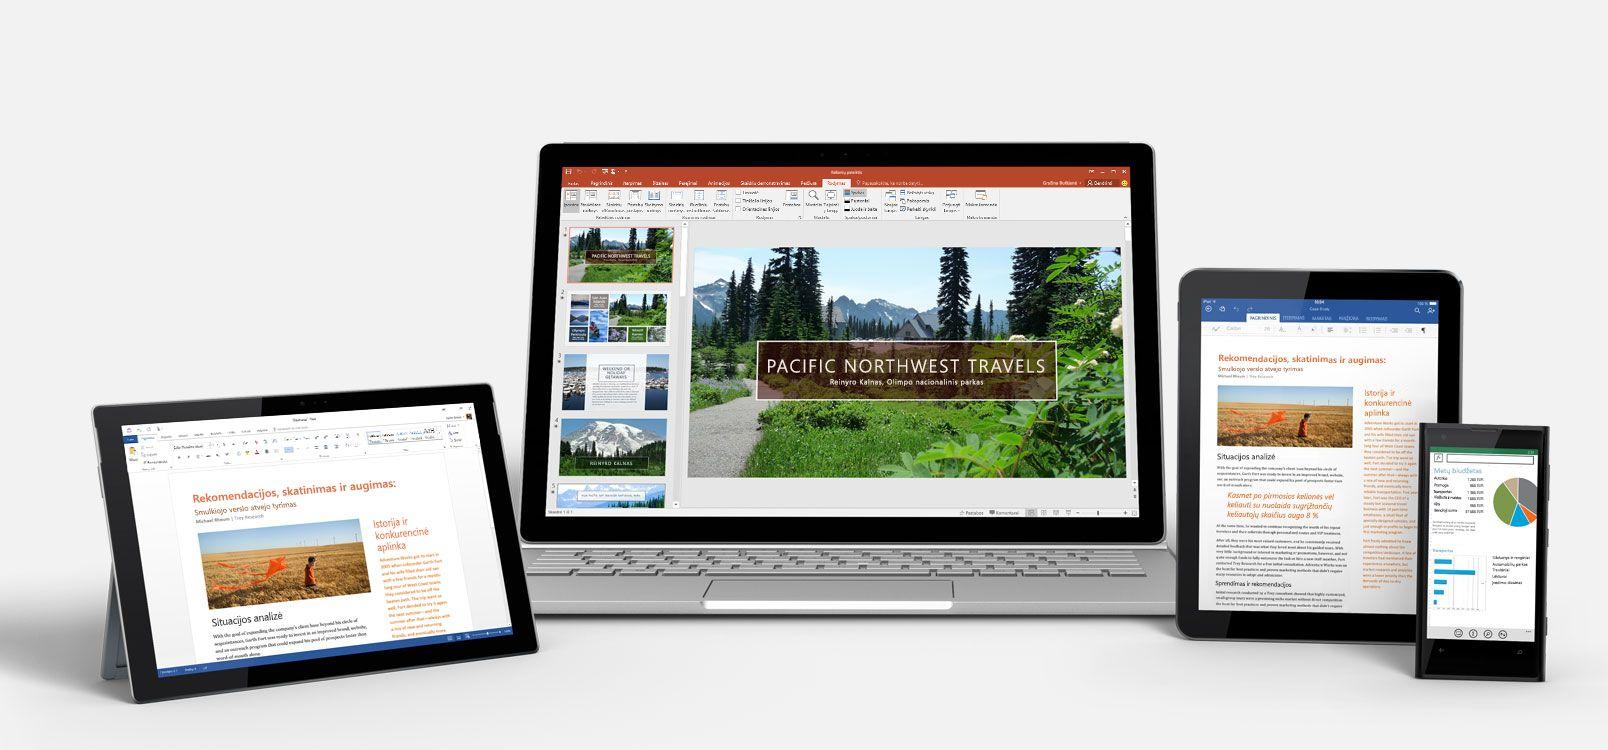 """""""Windows"""" planšetinis kompiuteris, nešiojamasis kompiuteris, """"iPad"""" ir išmanusis telefonas, kuriuose rodomas naudojamas """"Office 365""""."""